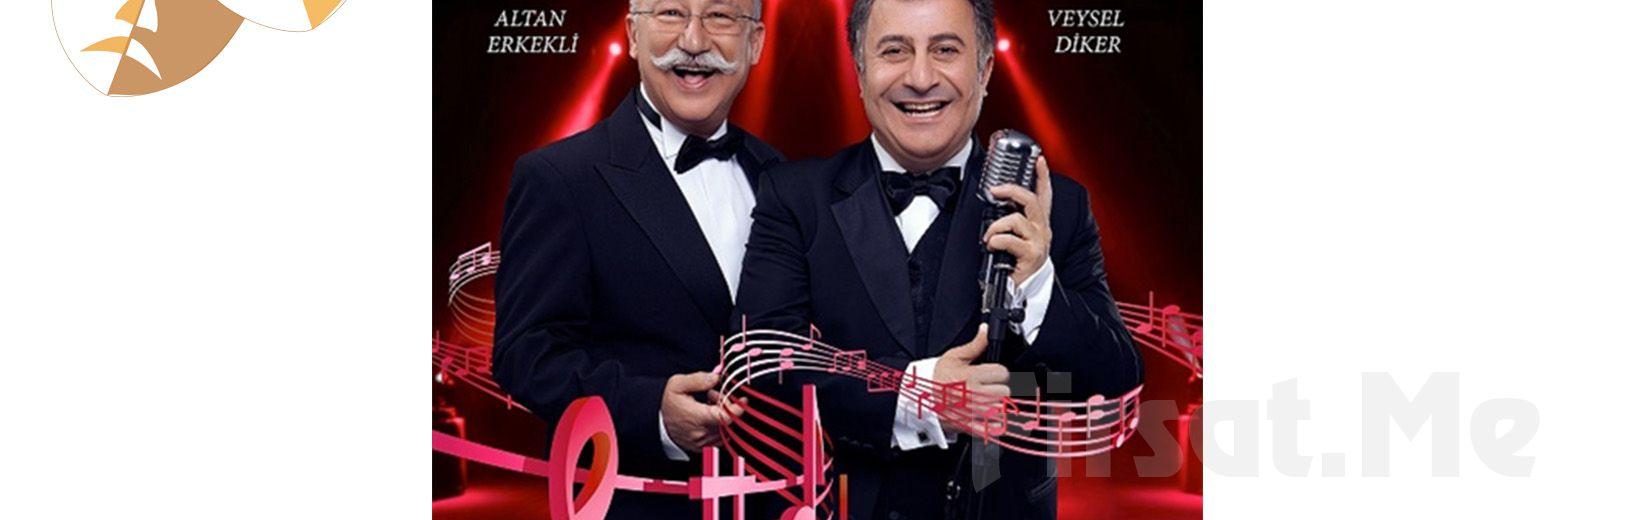 """Altan Erkekli ve Veysel Diker'den """"Şifa Niyetine!"""" Tiyatro Bileti!"""